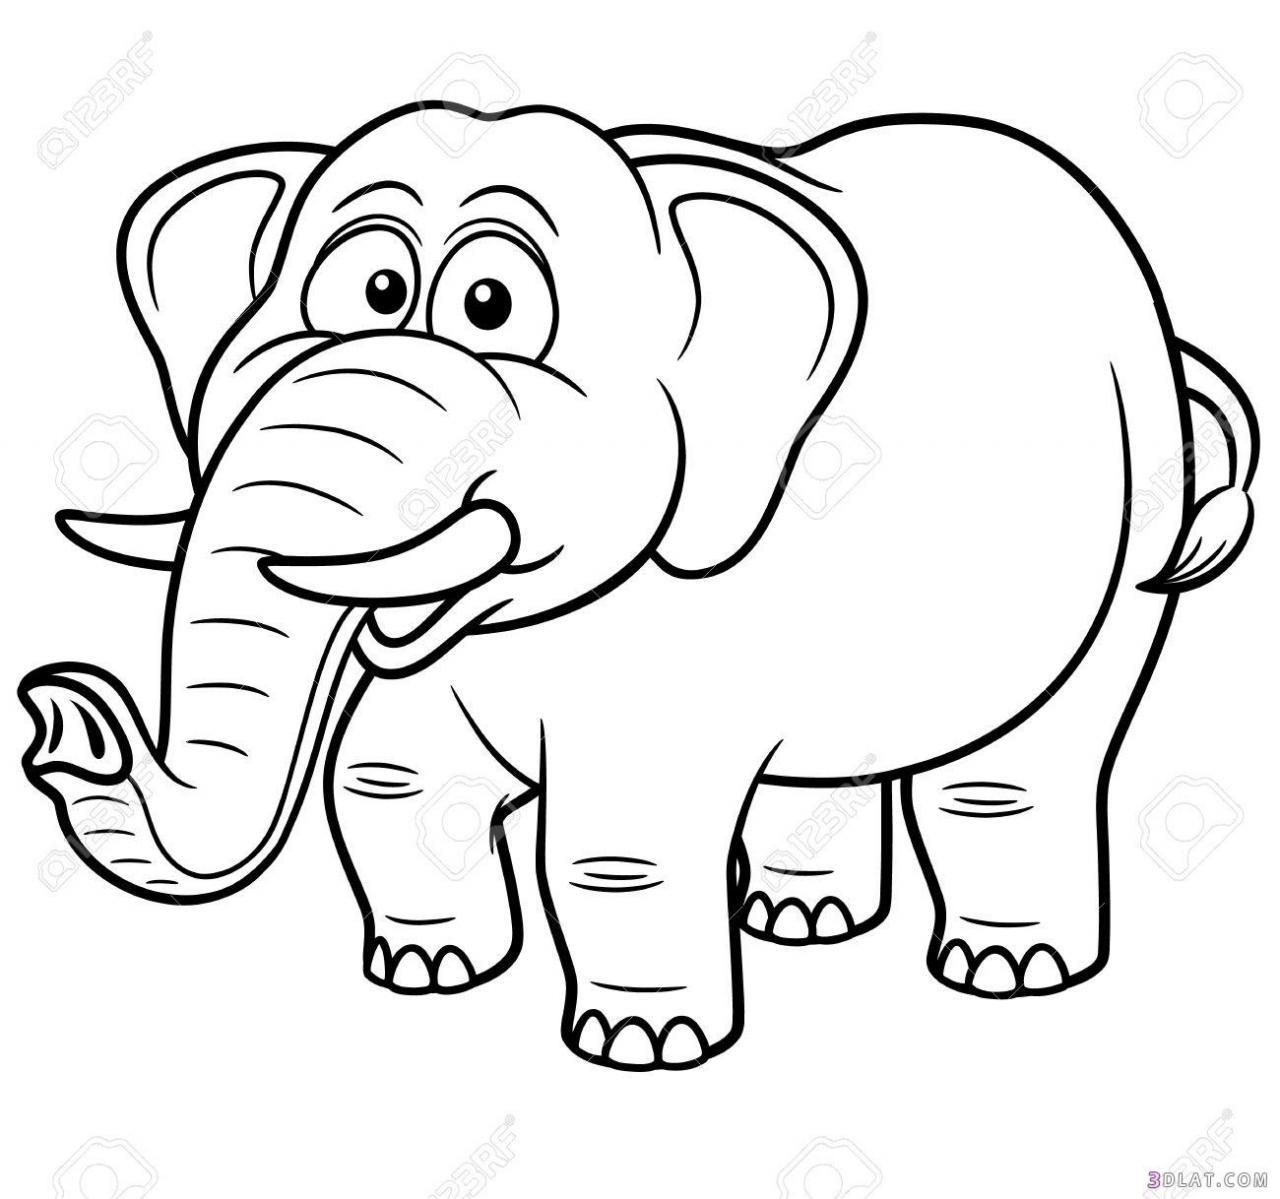 صورة رسومات اطفال للتلوين حيوانات , التلوين بينمى المهارات